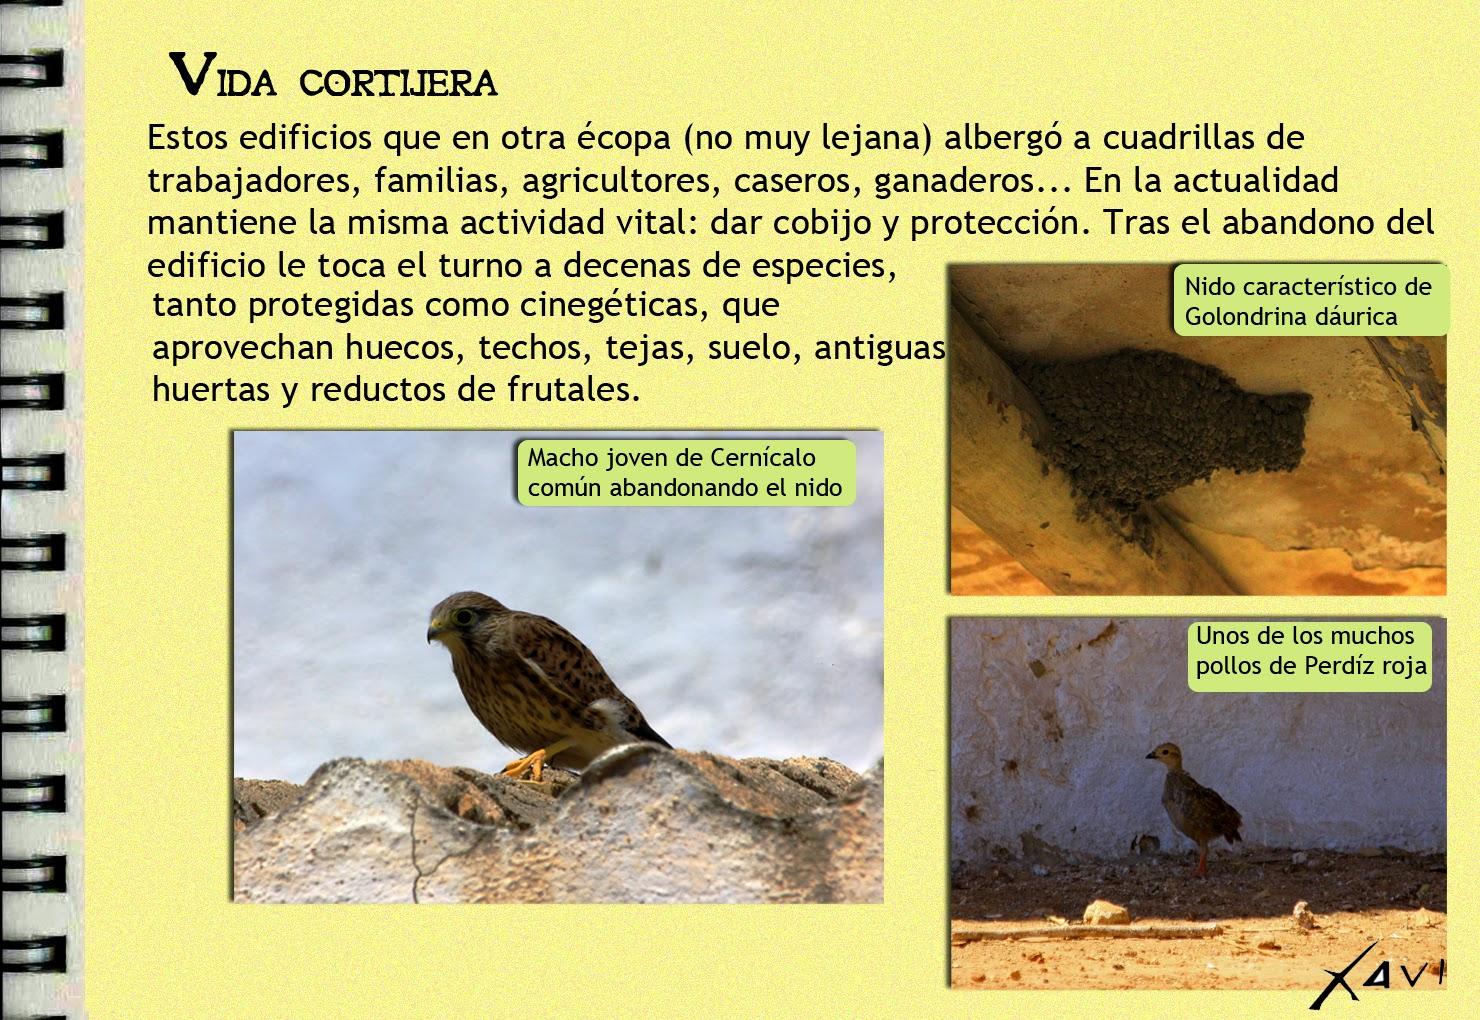 Cuadernos de campo ZEPA Campiñas de Sevilla